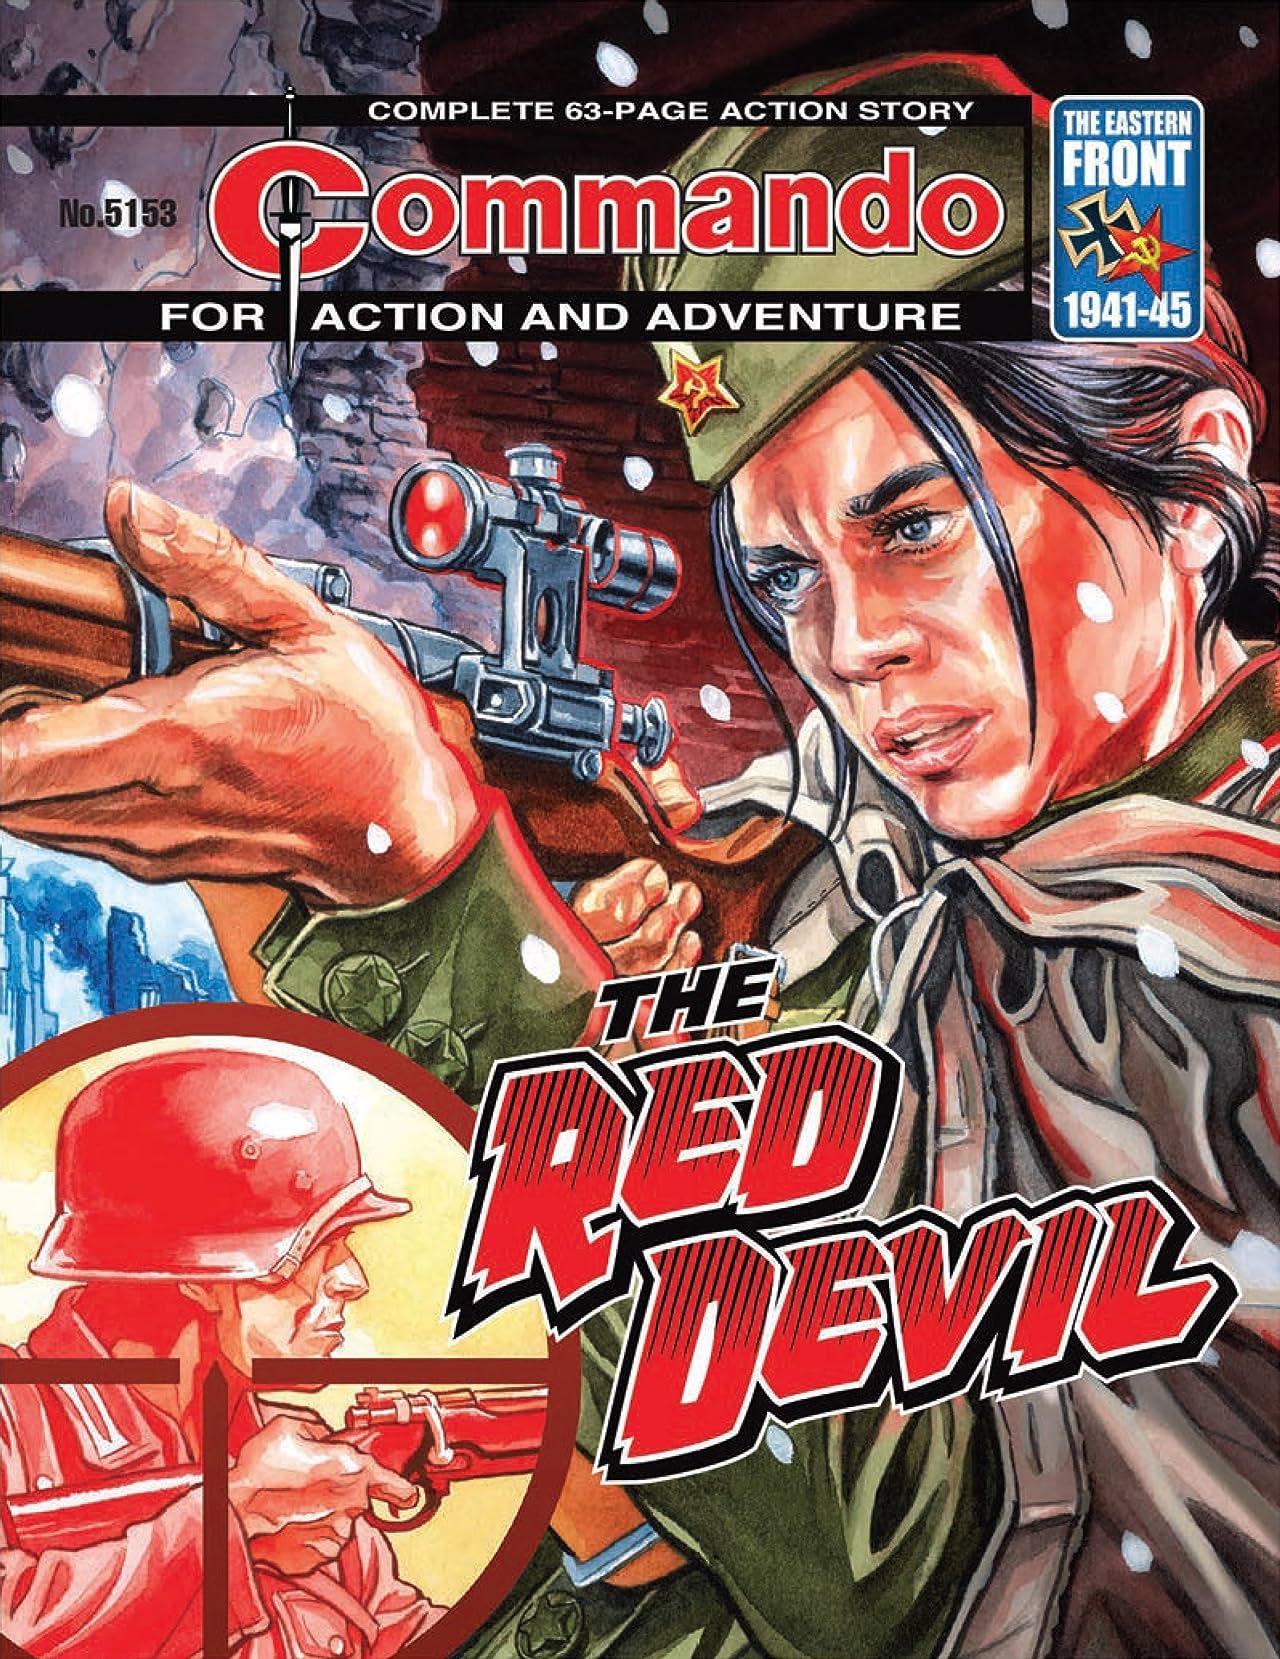 Commando #5153: The Red Devil